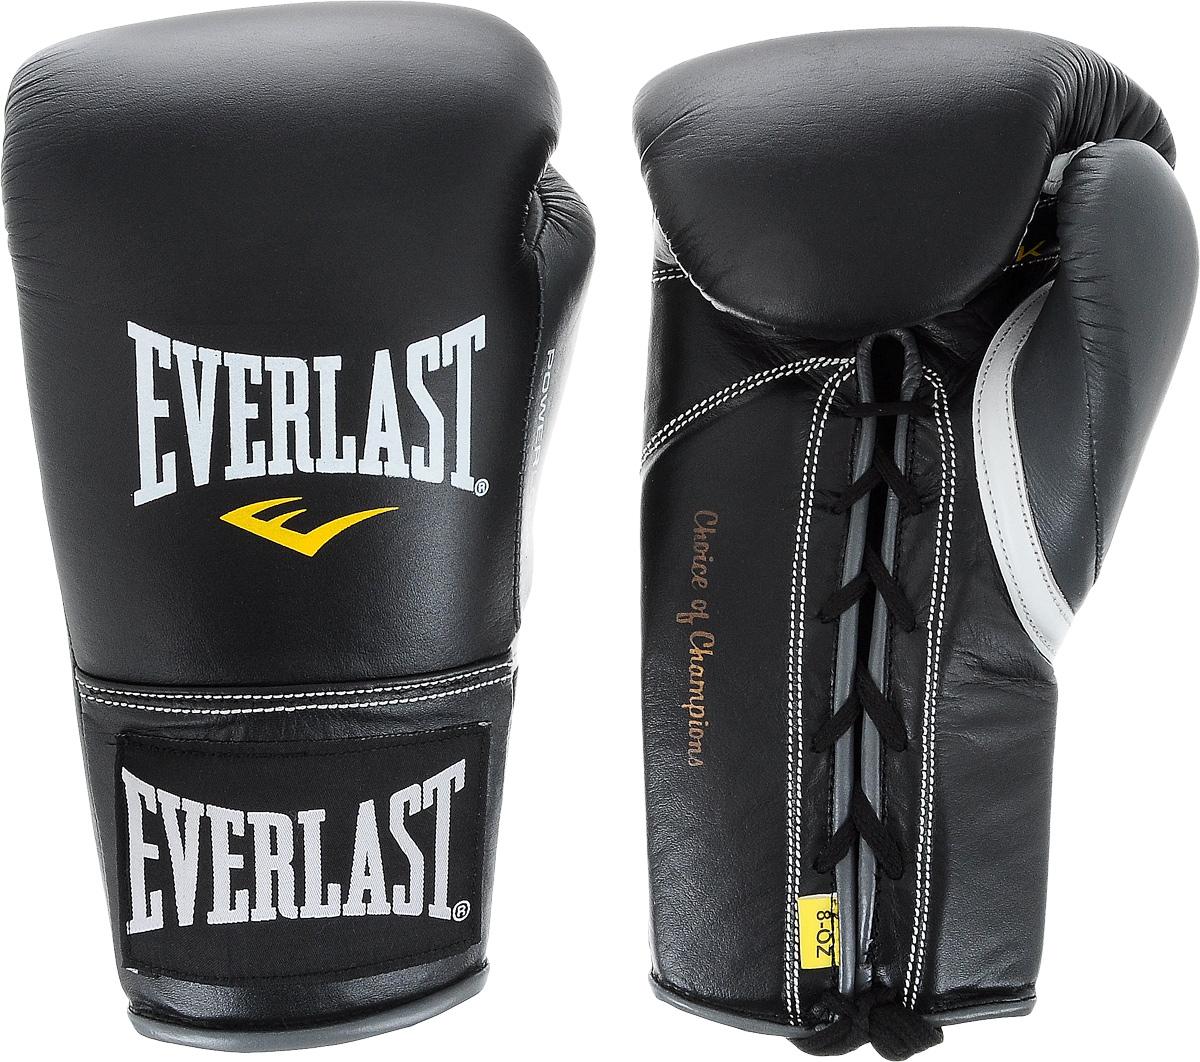 Перчатки боевые Everlast Powerlock, цвет: черный, серый. Вес 8 унцийAIRWHEEL Q3-340WH-BLACKБоевые перчатки на шнуровке Everlast Powerlock изготавливаются из натуральной кожи премиум класса, выдерживающей длительные нагрузки. Благодаря пенному наполнителю, выложенному по технологии Powerlock, обеспечивается идеальный баланс между силой удара и защитой от травм. Эргономический дизайн перчатки позволяет руке принимать правильную и удобную форму кулака, делая удар быстрым и безопасным одновременно. Предназначены для профессиональных боев.